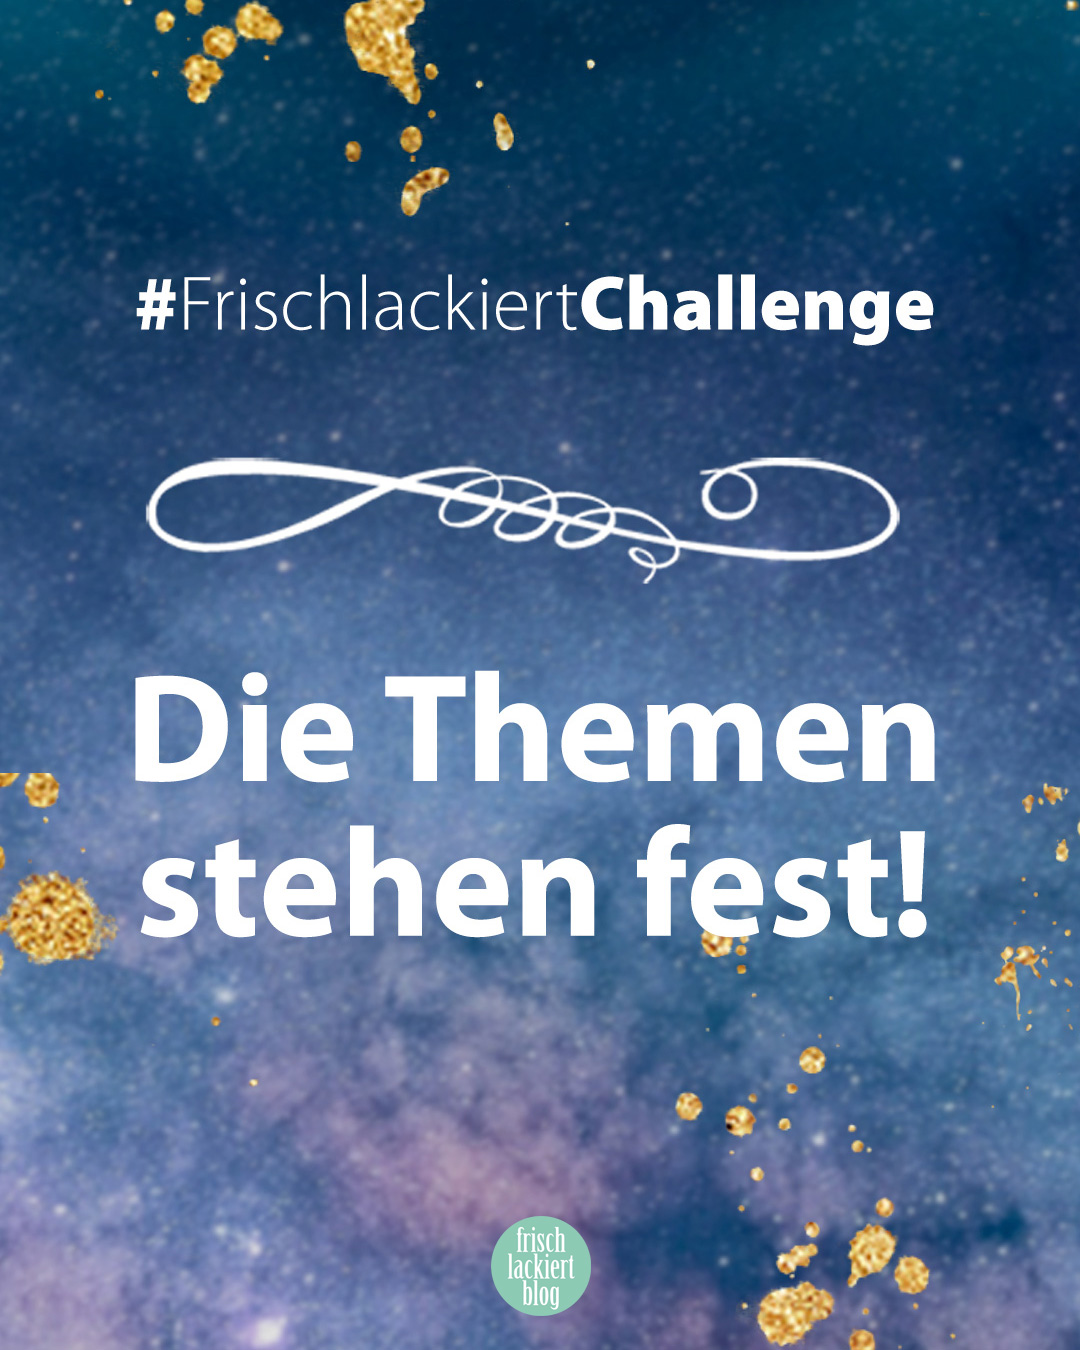 FrischlackiertChallenge - Nail Art Challenge 2020